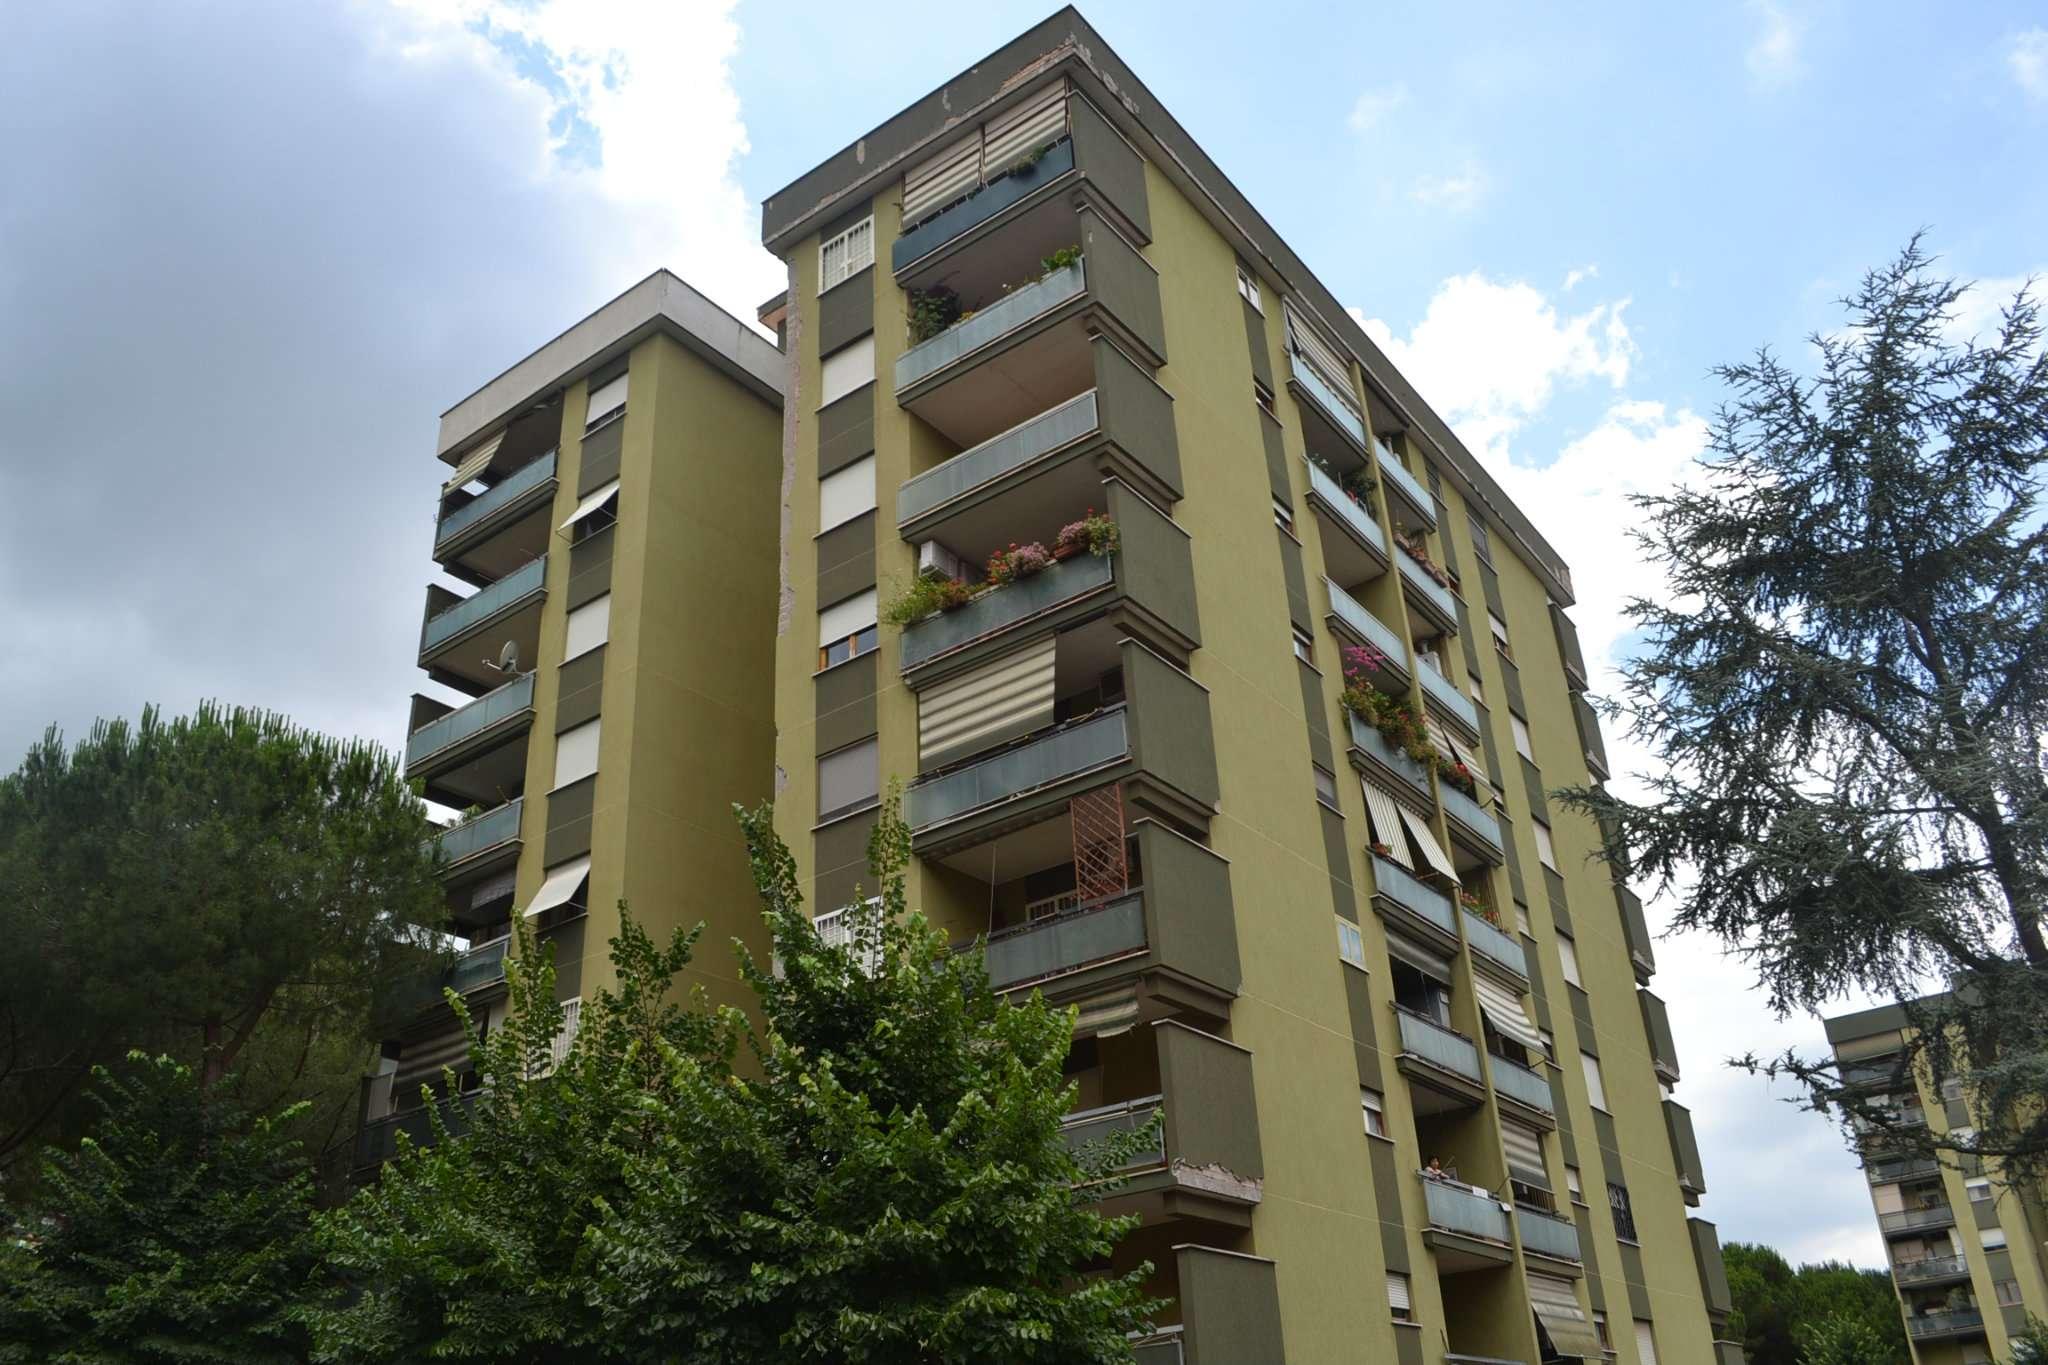 Appartamento in vendita a Roma, 1 locali, zona Zona: 22 . Eur - Torrino - Spinaceto, prezzo € 159.000 | CambioCasa.it